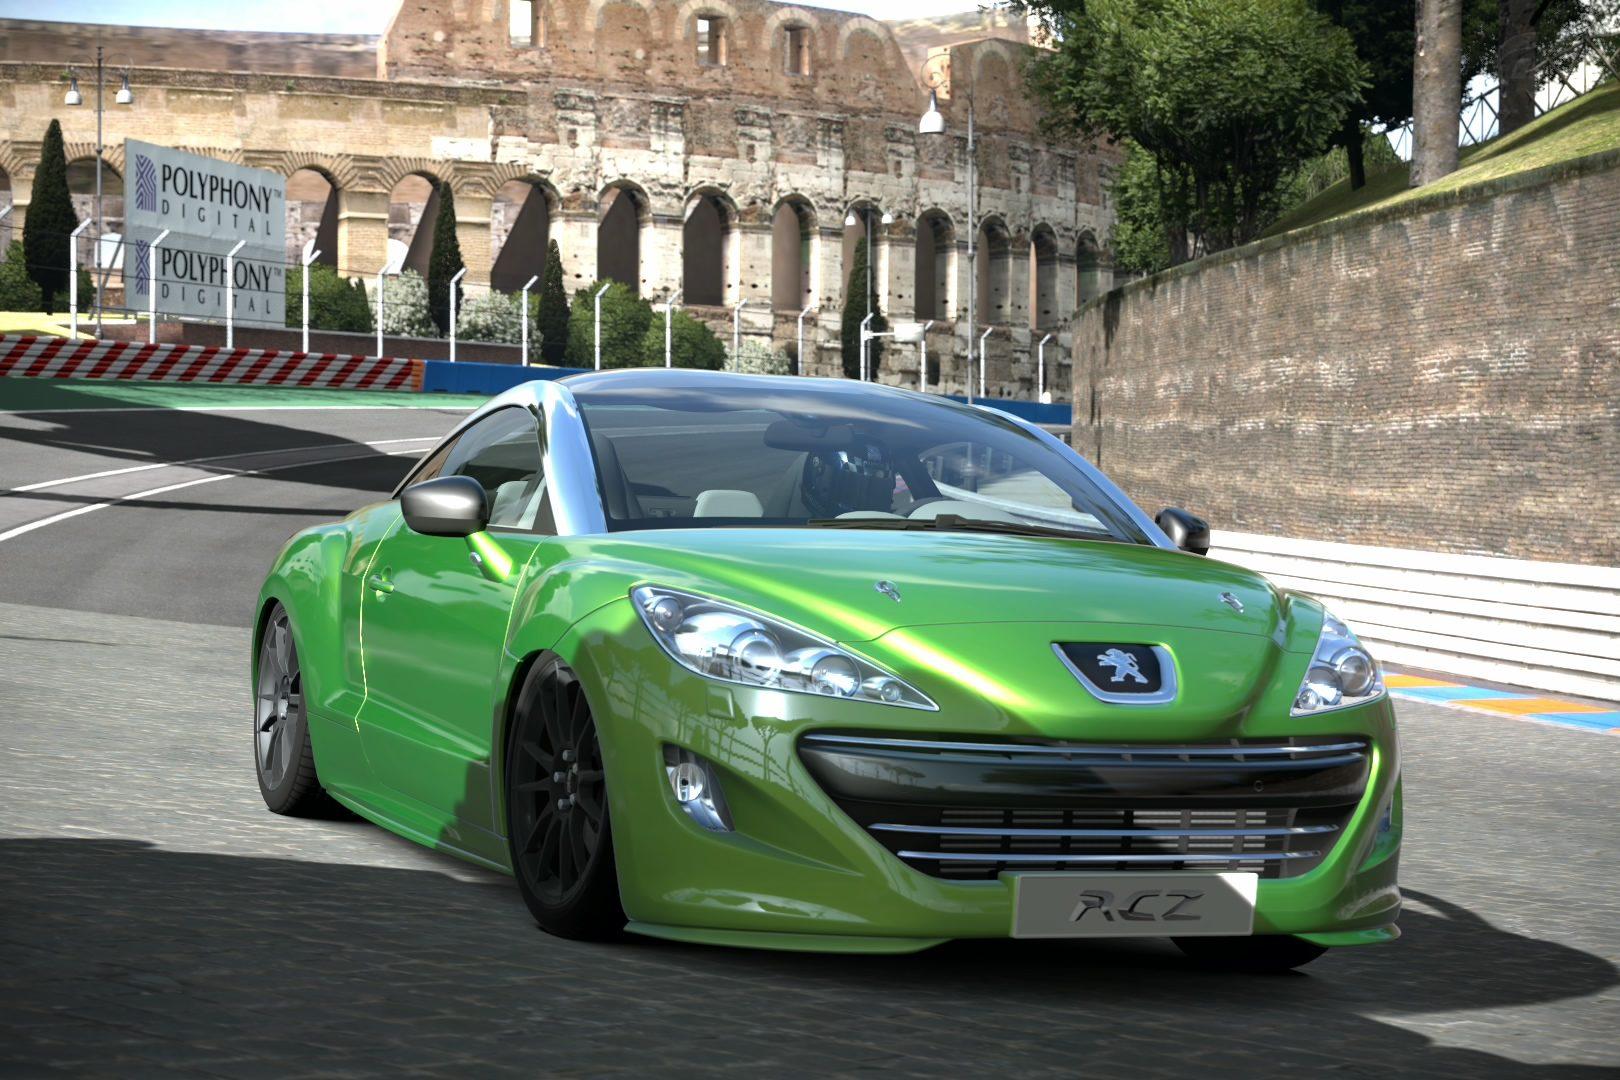 Peugeot RCZimg1.jpg